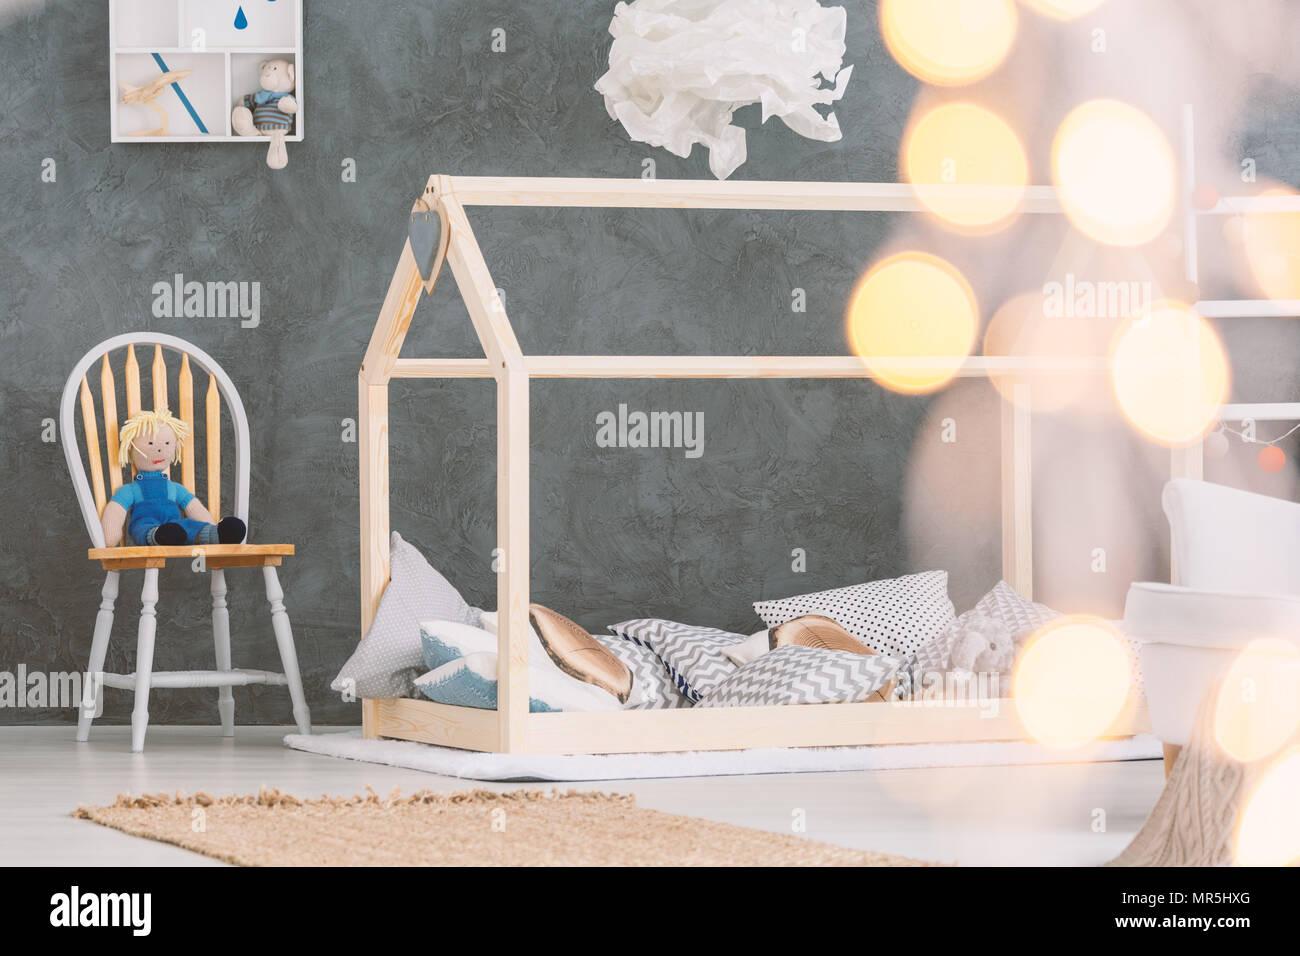 Etagenbett Für Baby Und Kleinkind : Autobett kinderzimmer und babyzimmer hochbett etagenbett